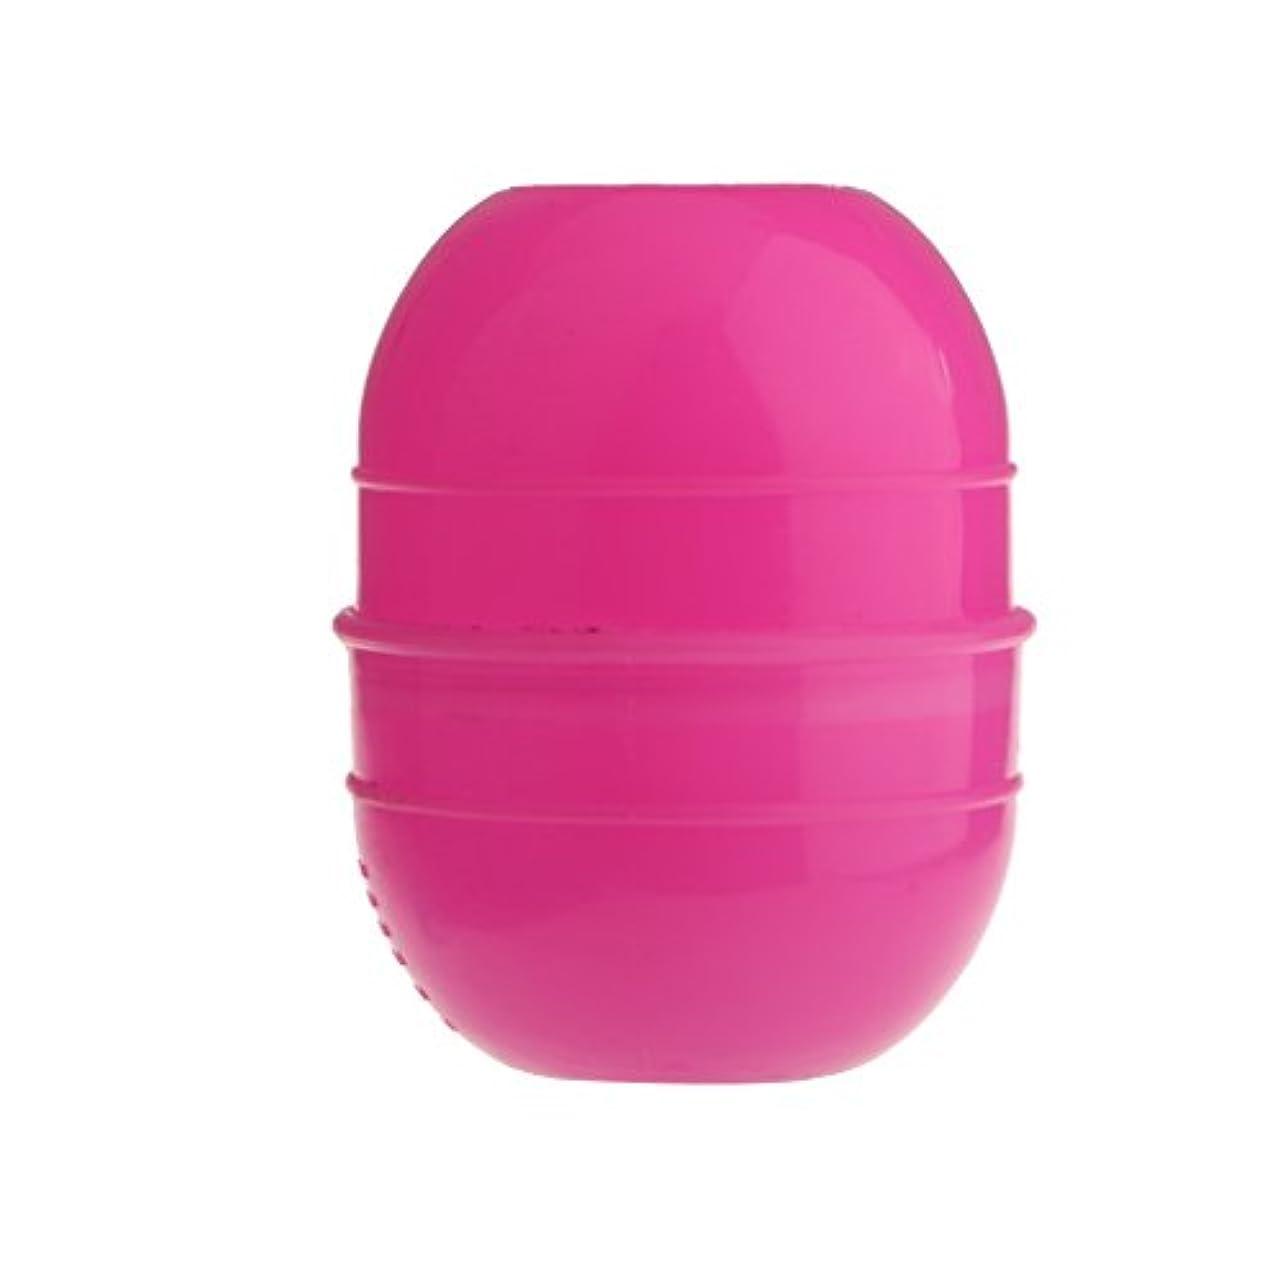 確率良心的原因ヘアカラー ボウル ヘアダイ カップ 色合いボウル 染料撹拌 プラスチック 全2色 - ローズレッド